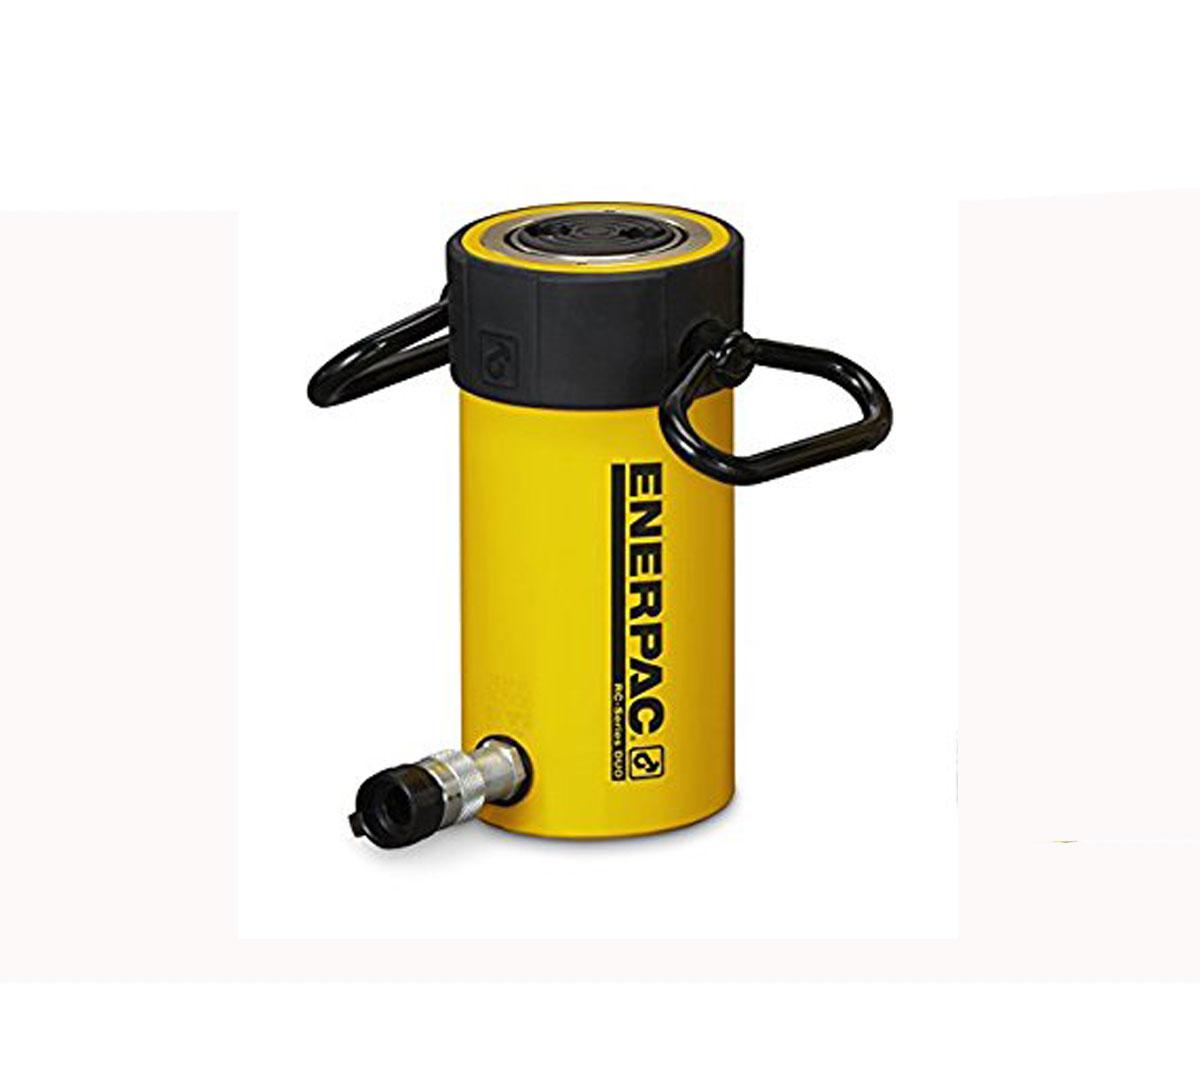 enerpac-rc506-hydraulic-cylinder-rental